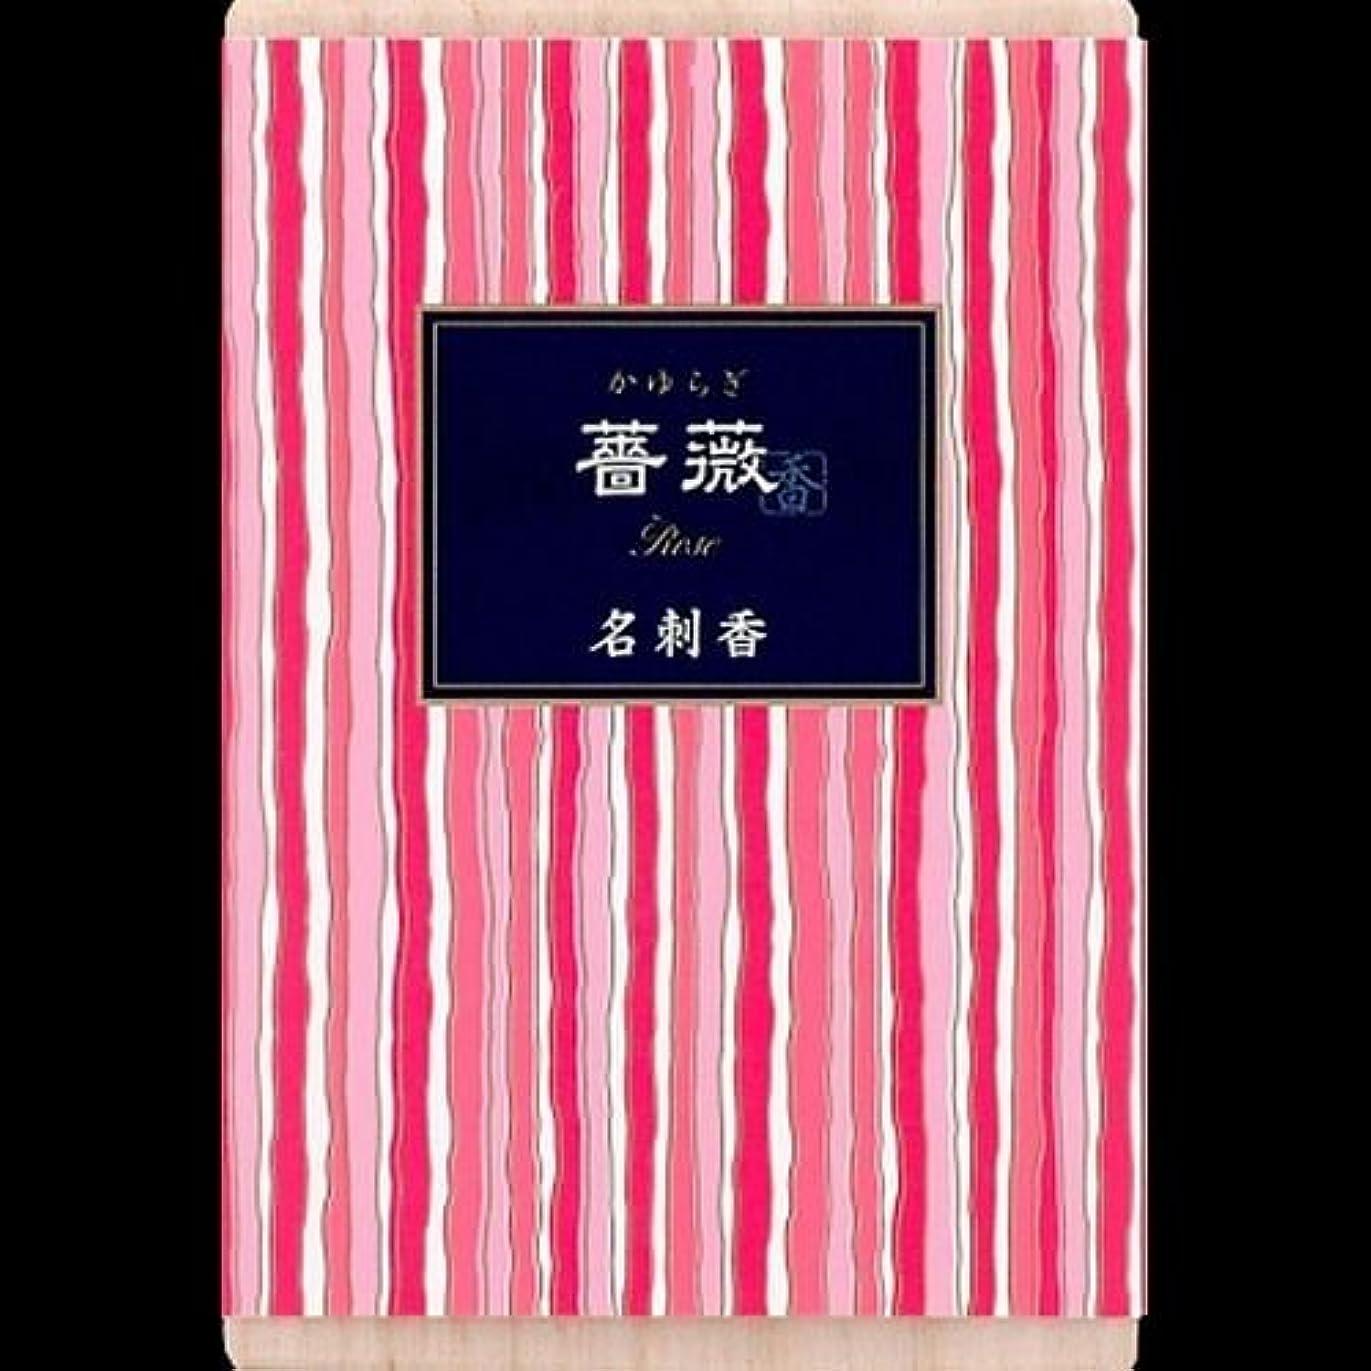 ギャンブル良心的【まとめ買い】かゆらぎ 薔薇 名刺香 桐箱 6入 ×2セット